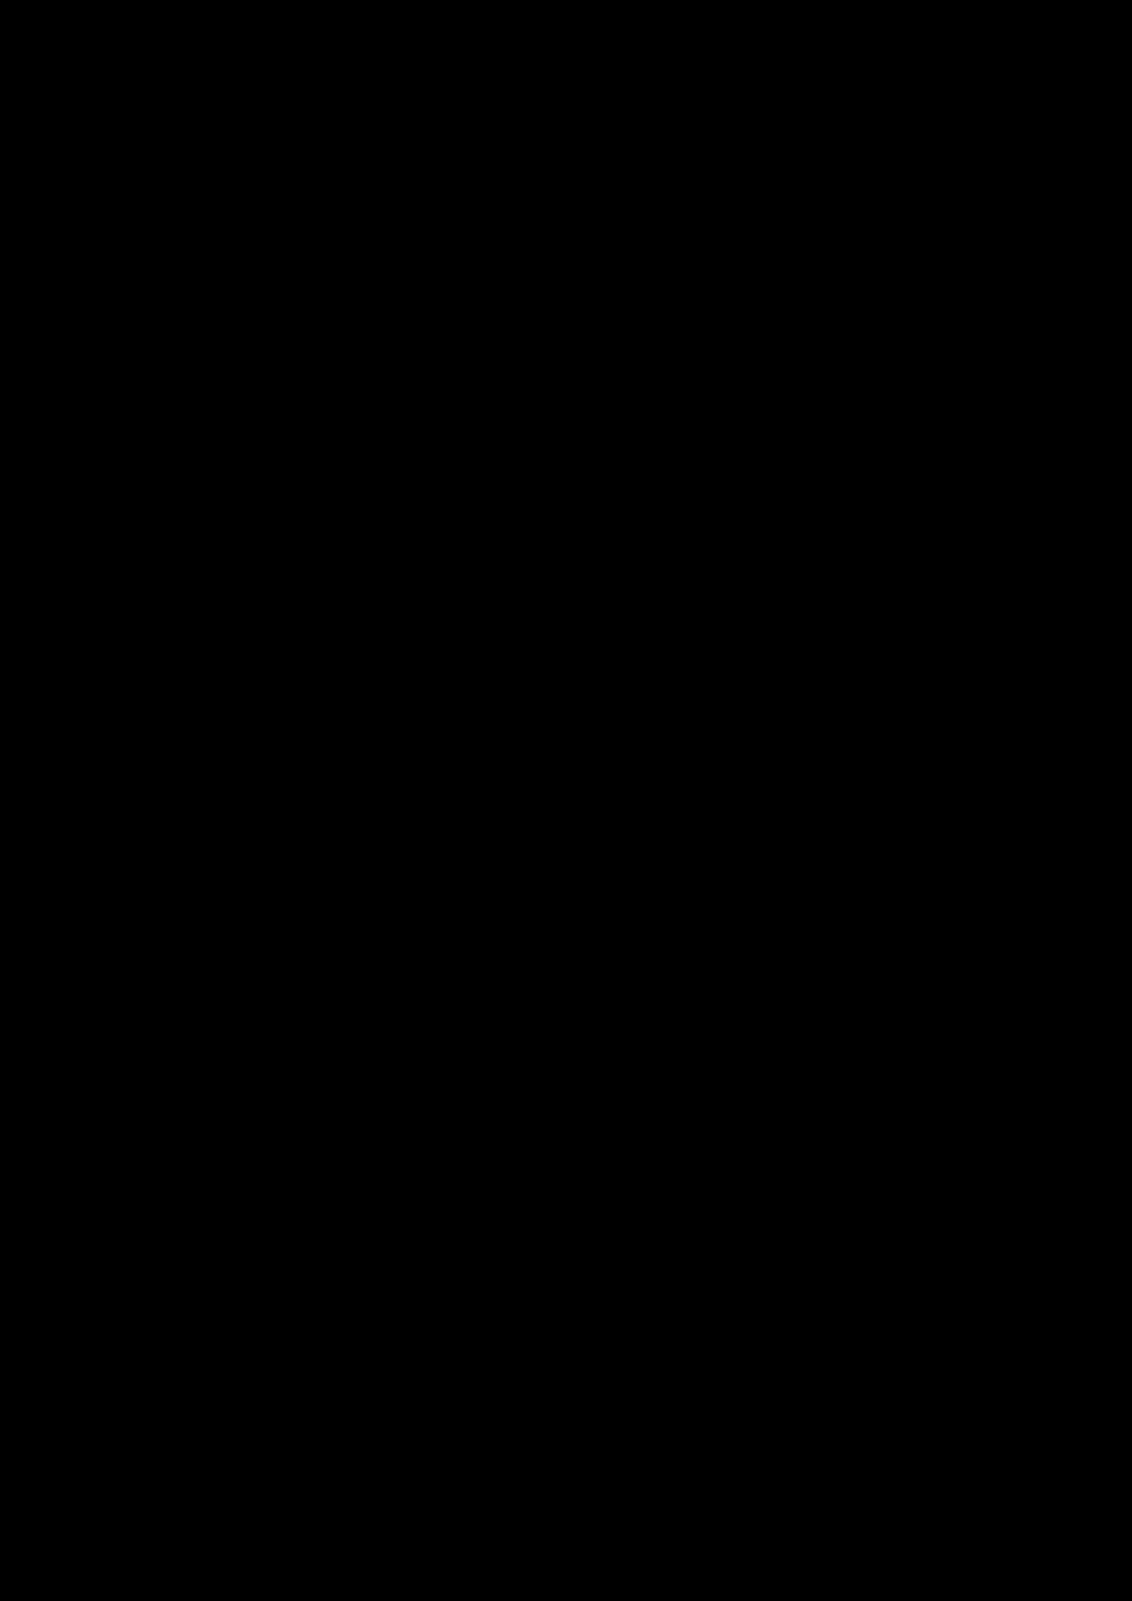 Lambada slide, Image 2